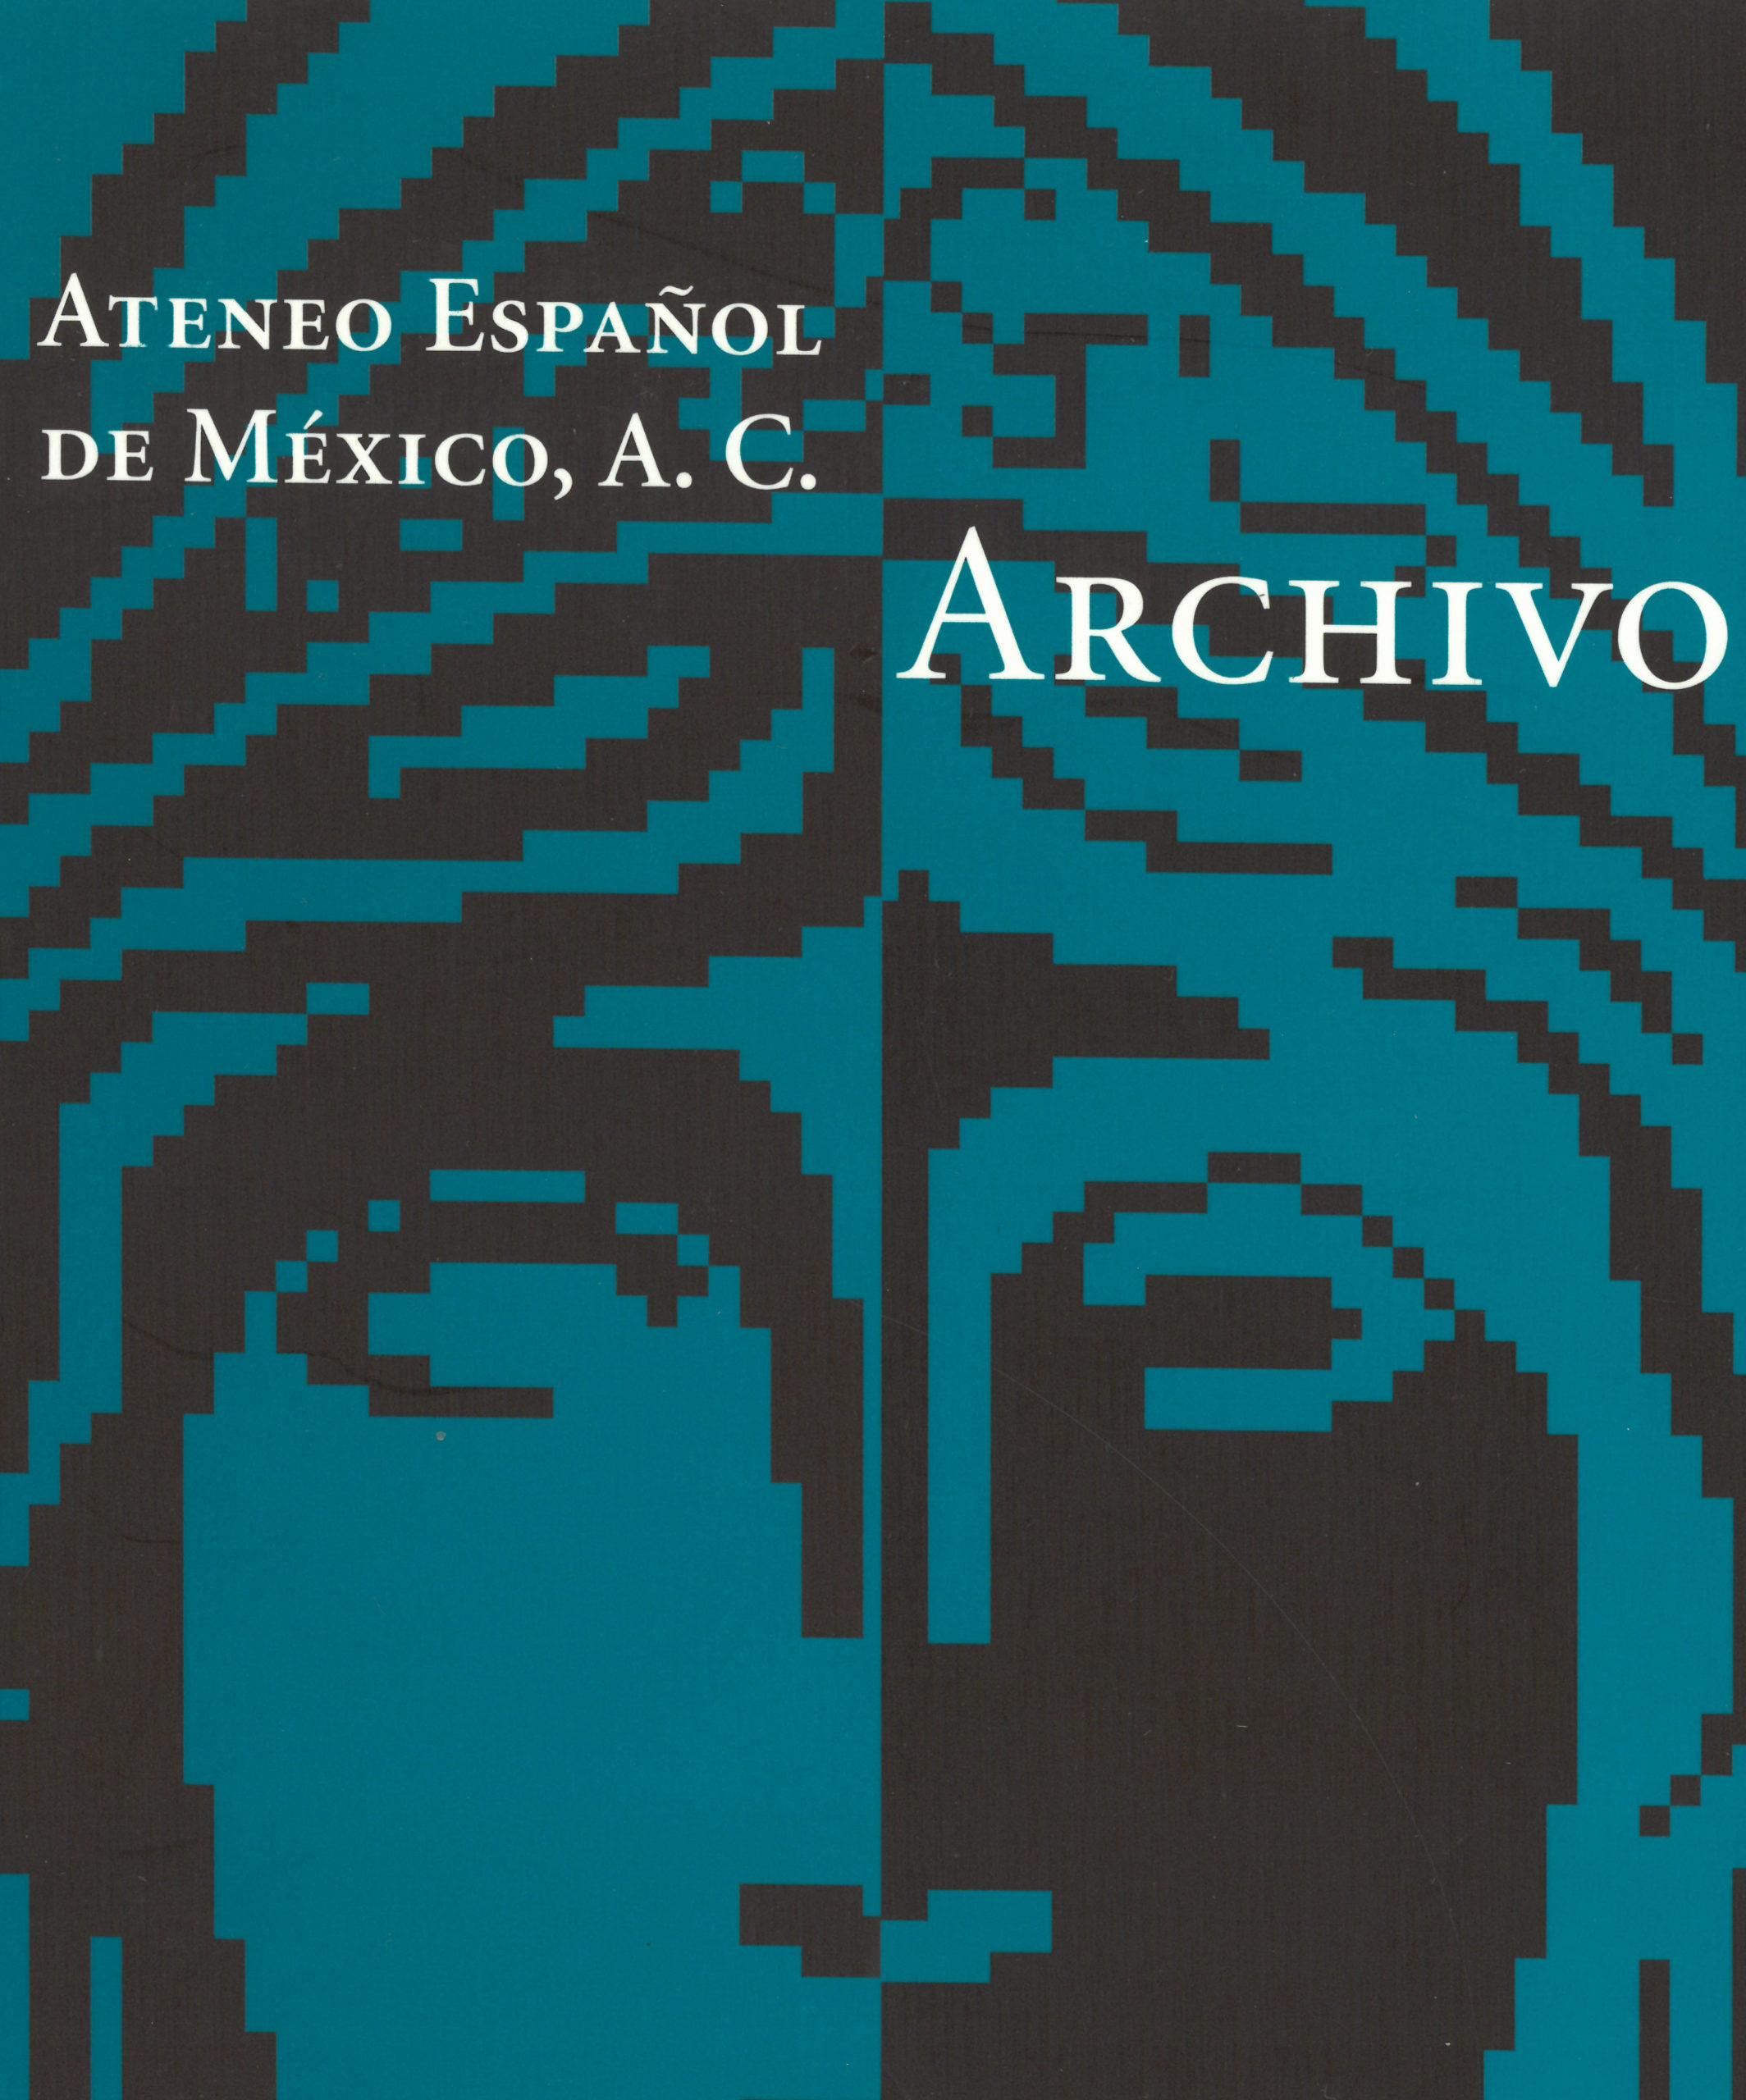 Archivo. Ateneo español de México, A.C. Image